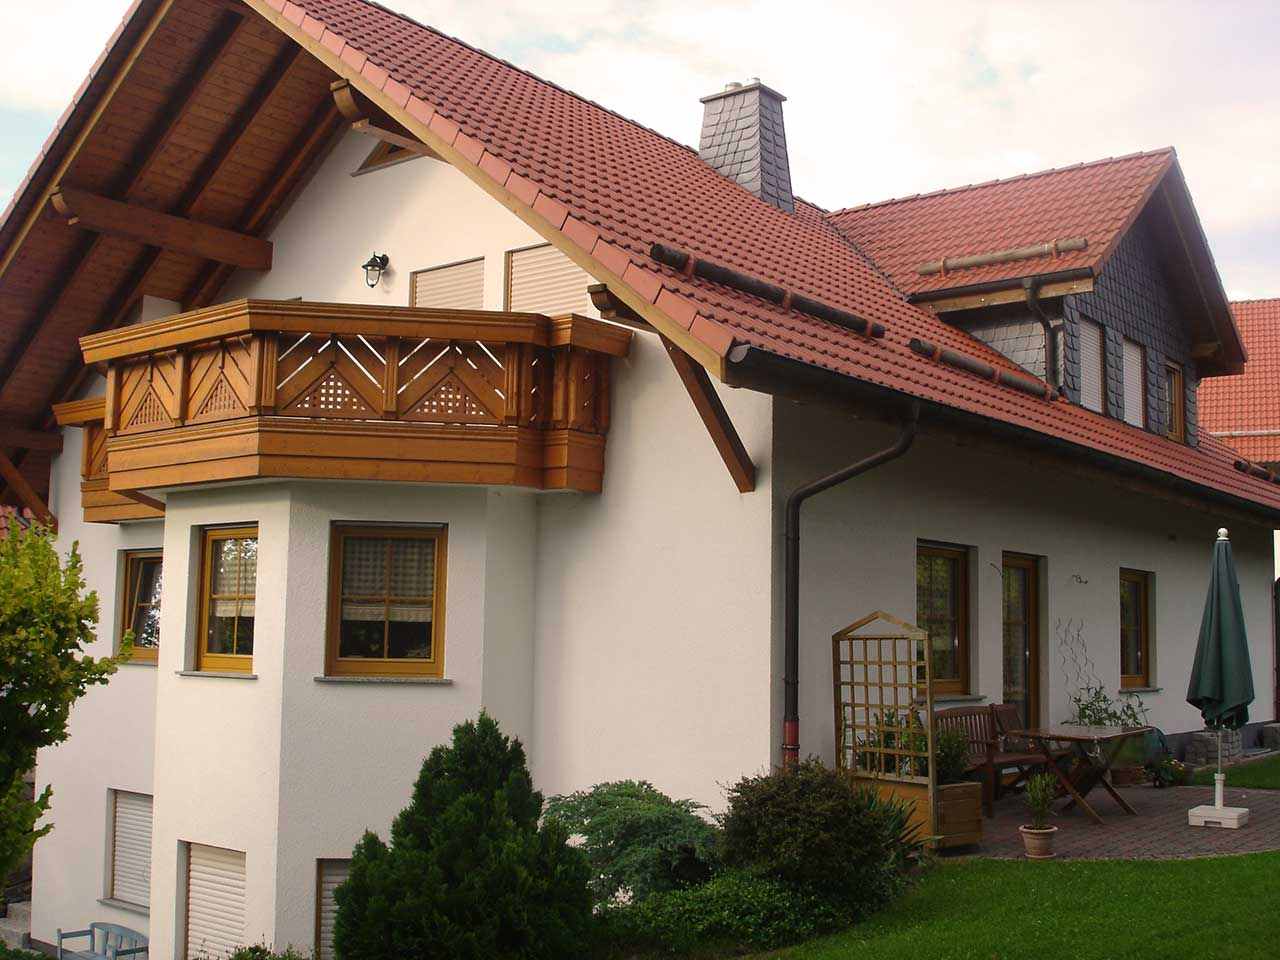 Ferienwohnung Freudensprung - Haus Außenansicht mit Balkon